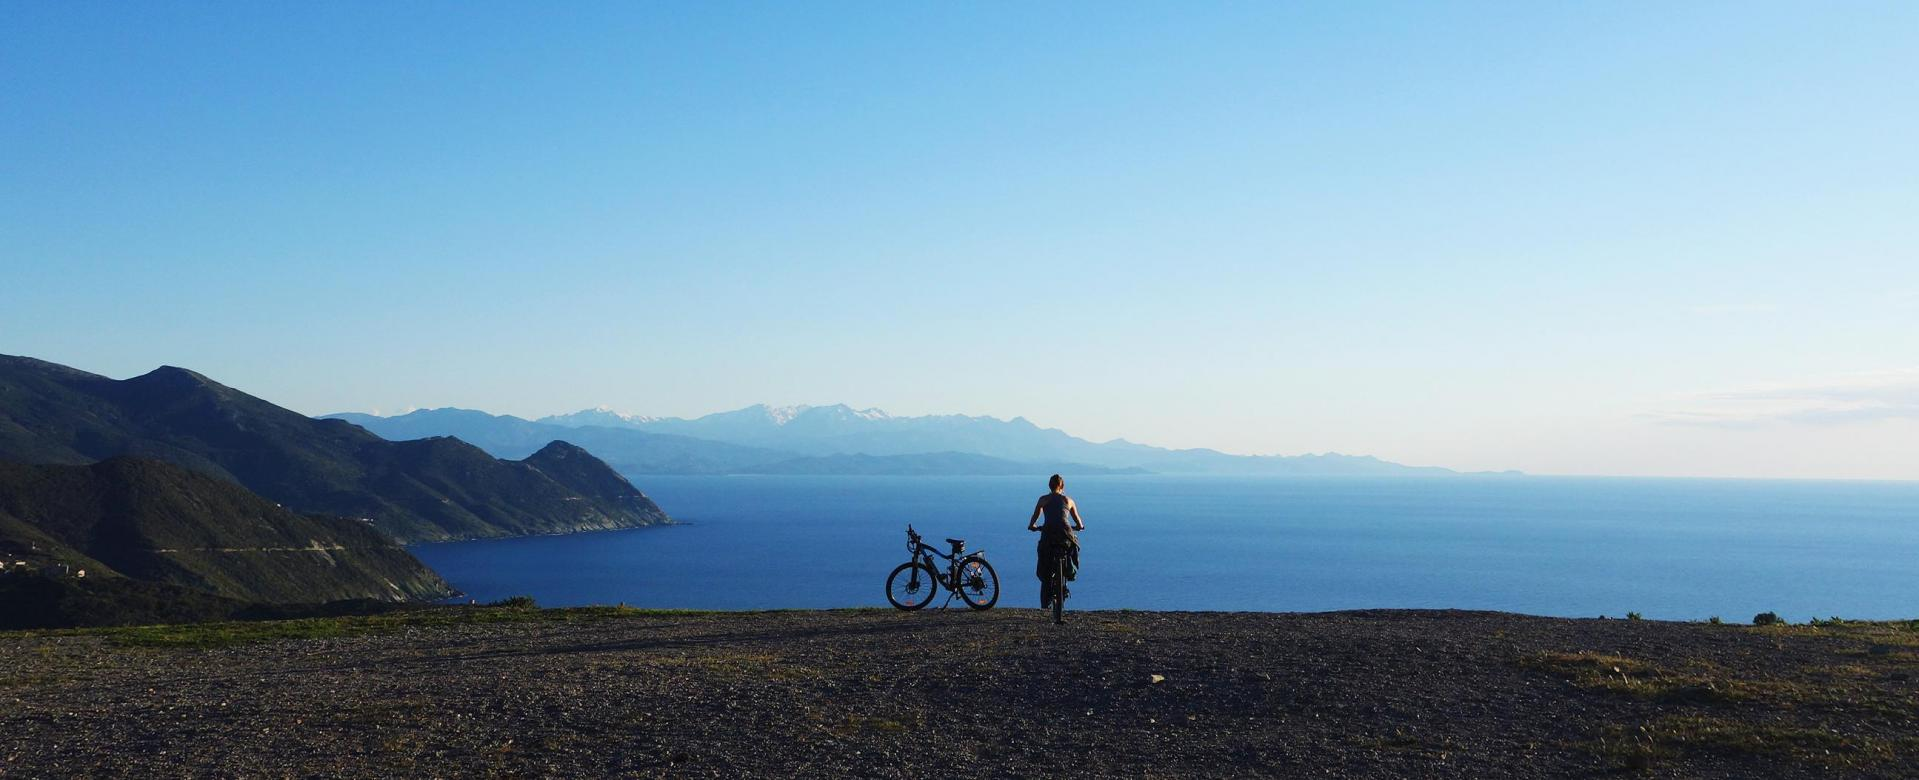 Voyage en véhicule France : Le tour du cap corse à vélo